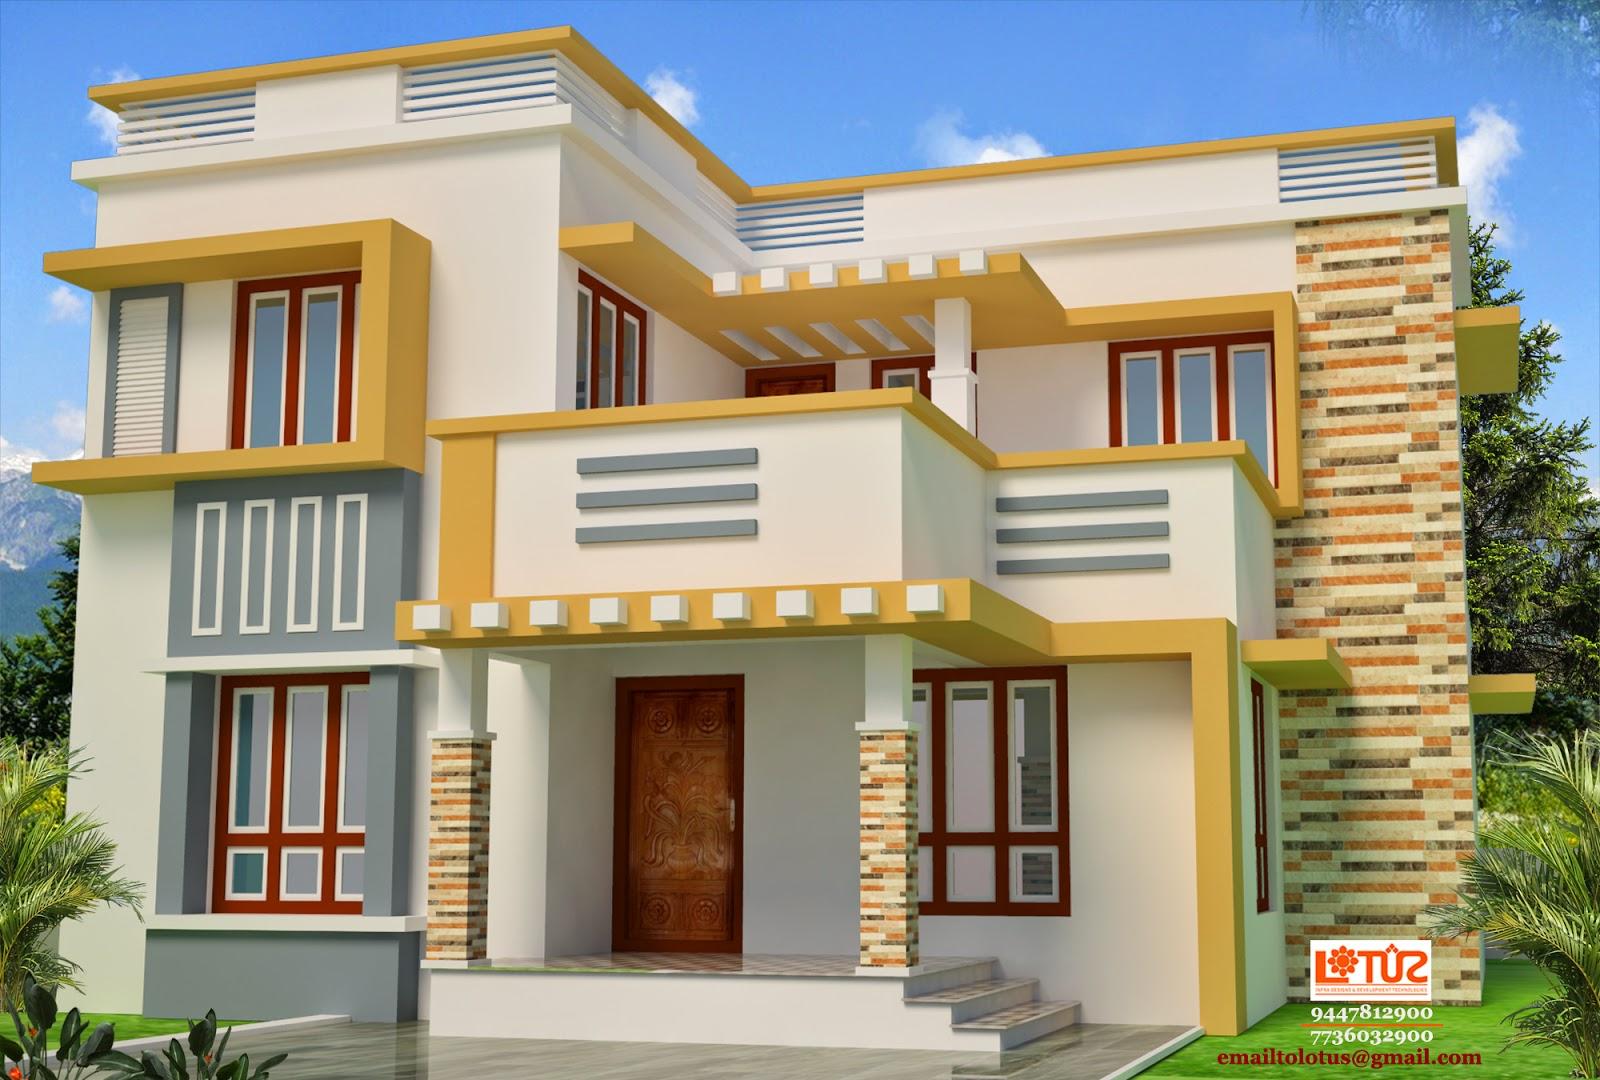 Veedu Designs Kerala Modern Home Deasgn